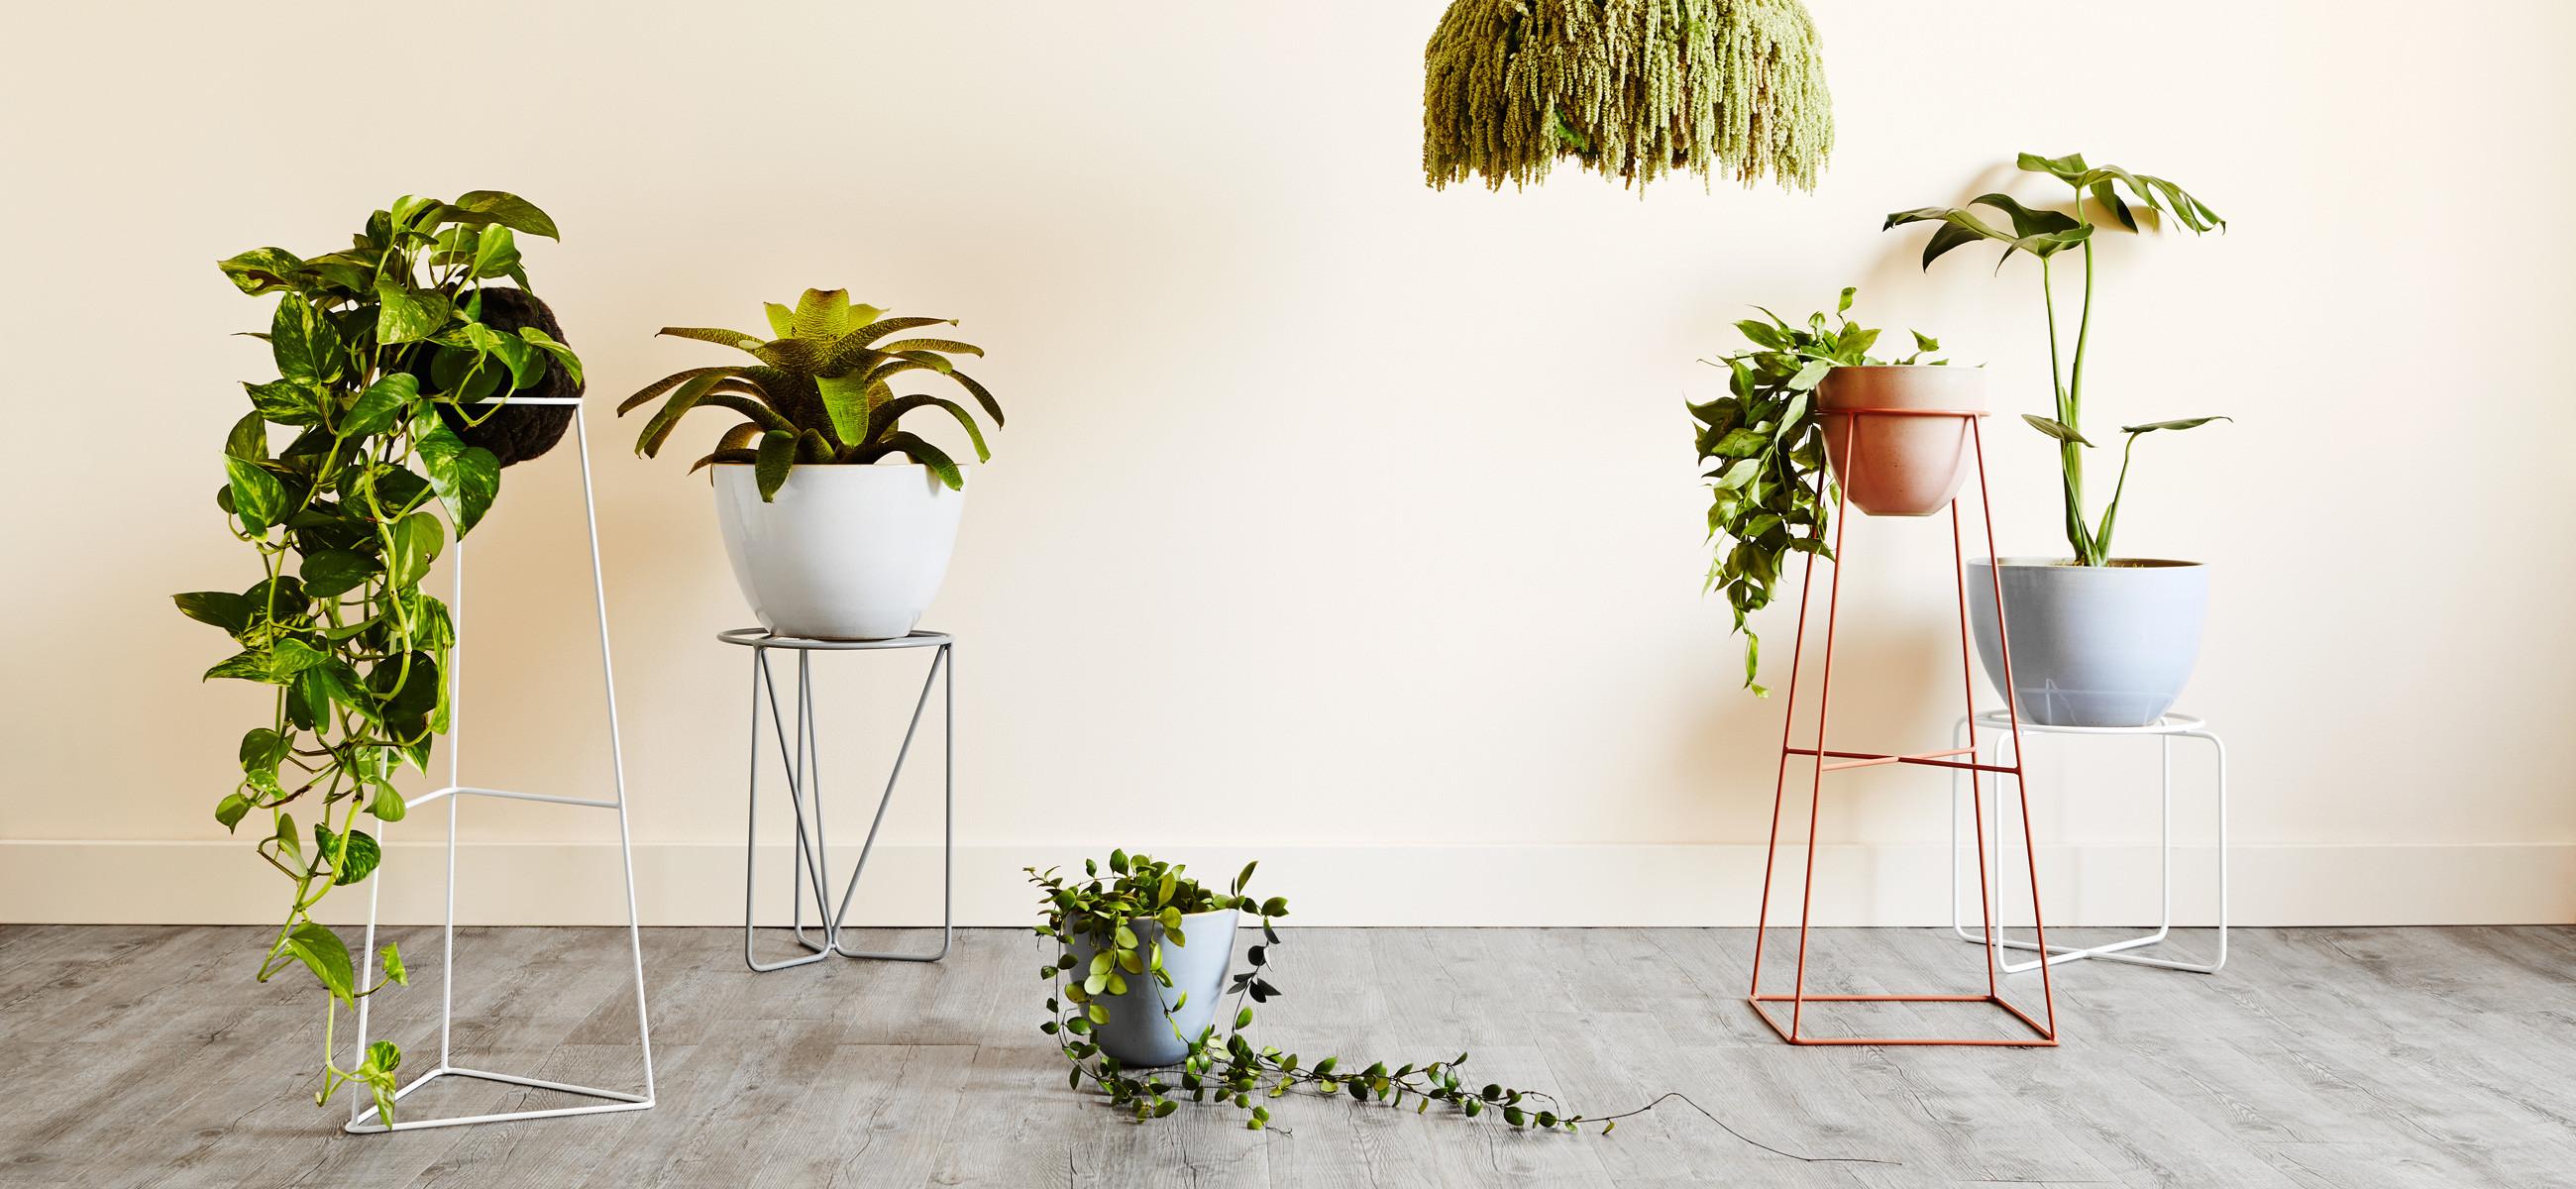 Muurdecoratie Slaapkamer Zelf Maken : Plantenstandaard, zelf maken ...